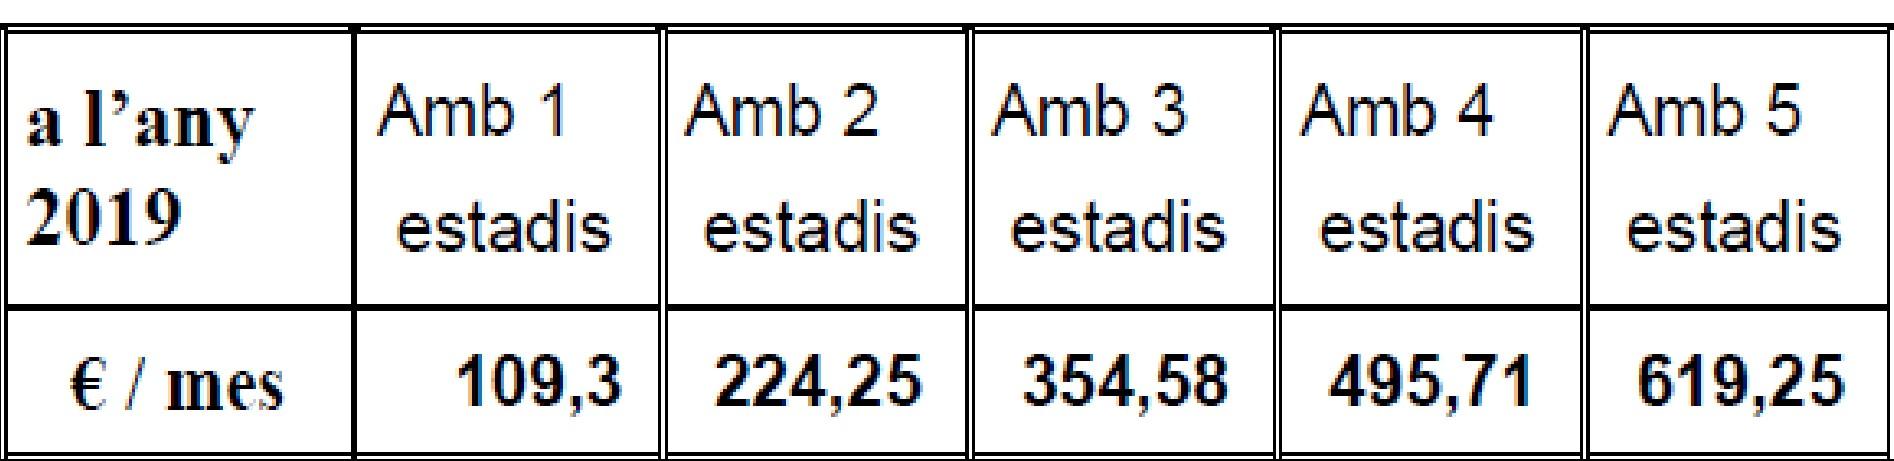 estadis5.1.jpg